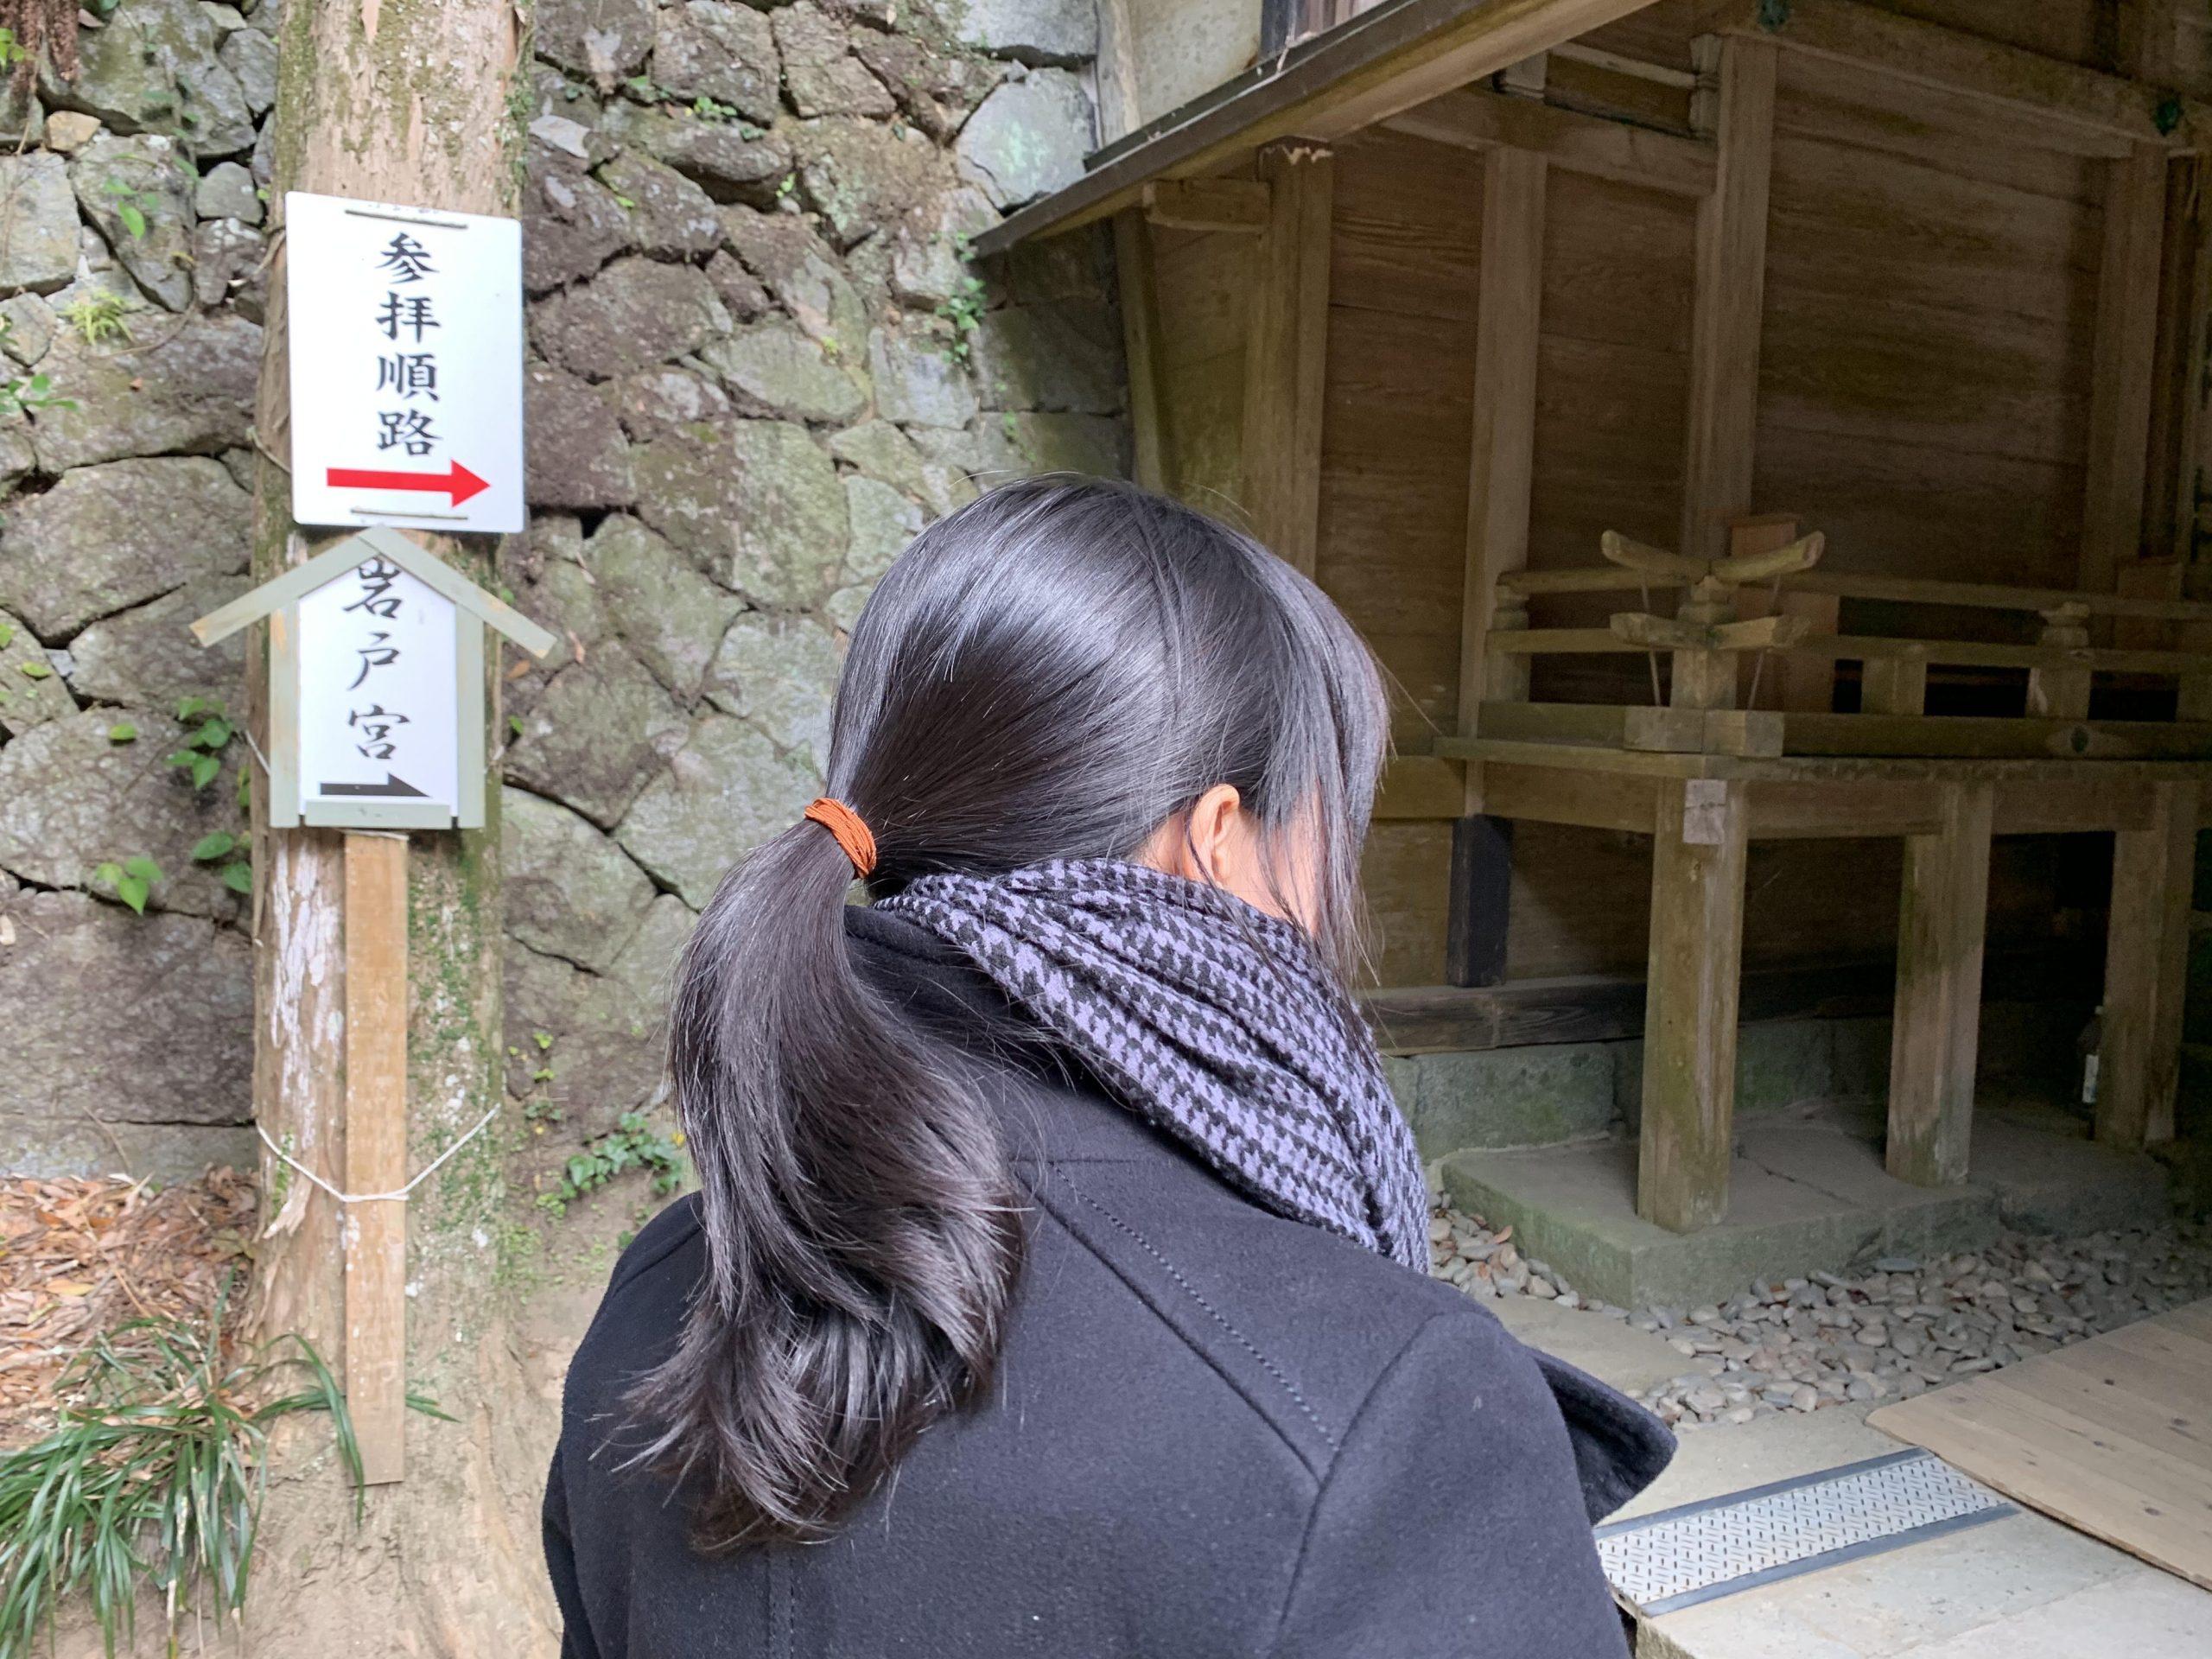 Me visiting Japan